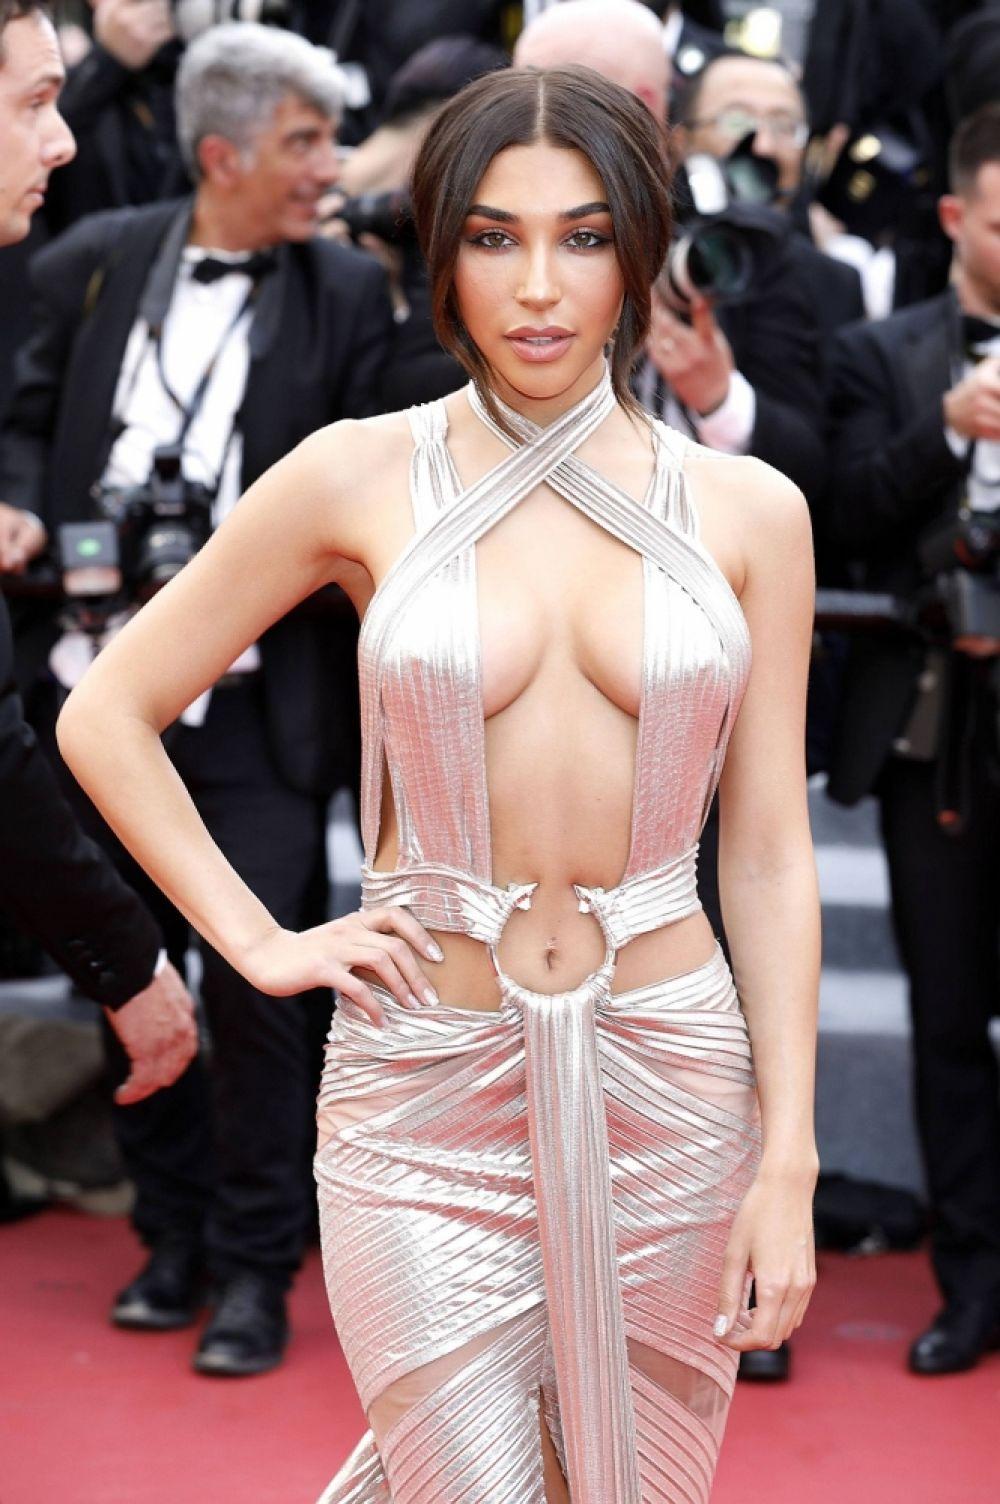 """А вот наряд актрисы Шанталь Джефриз уже назвали """"самым неприличным нарядом Канн"""". Все потому, что платье полностью противоречит дресс-коду фестиваля и и оголяет тело сверх меры."""